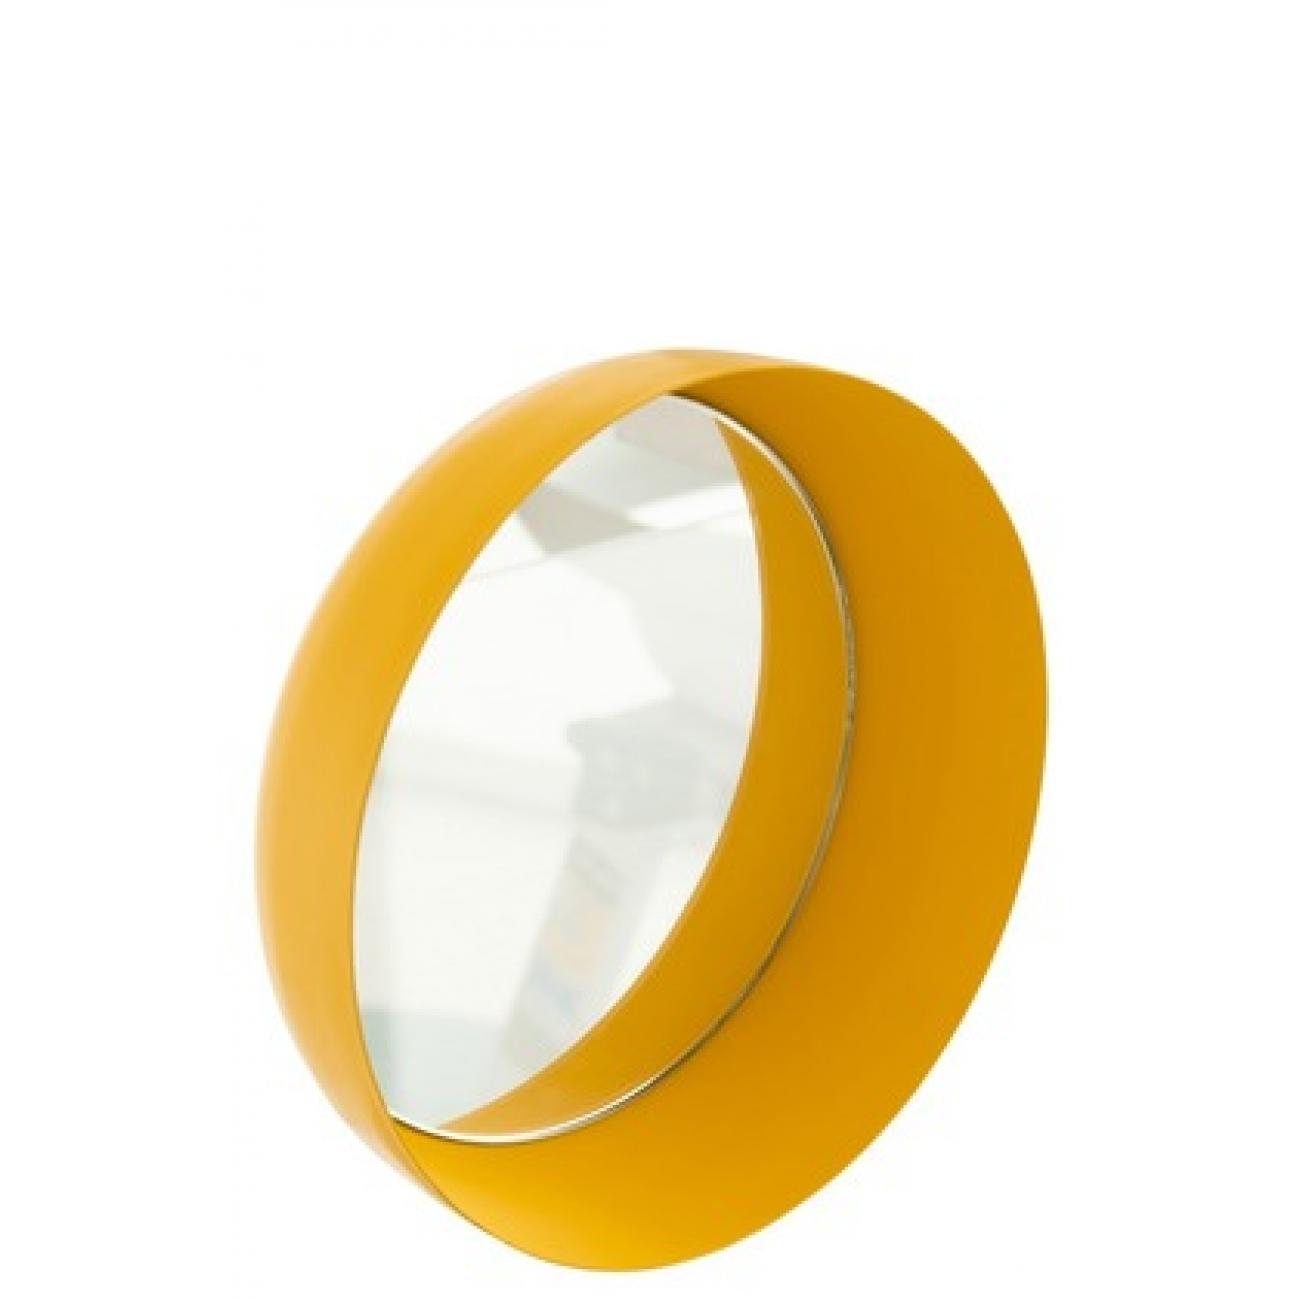 Набор круглых настенных зеркал J-LINE из трех штук в матовой металлической раме желтого цвета Бельгия